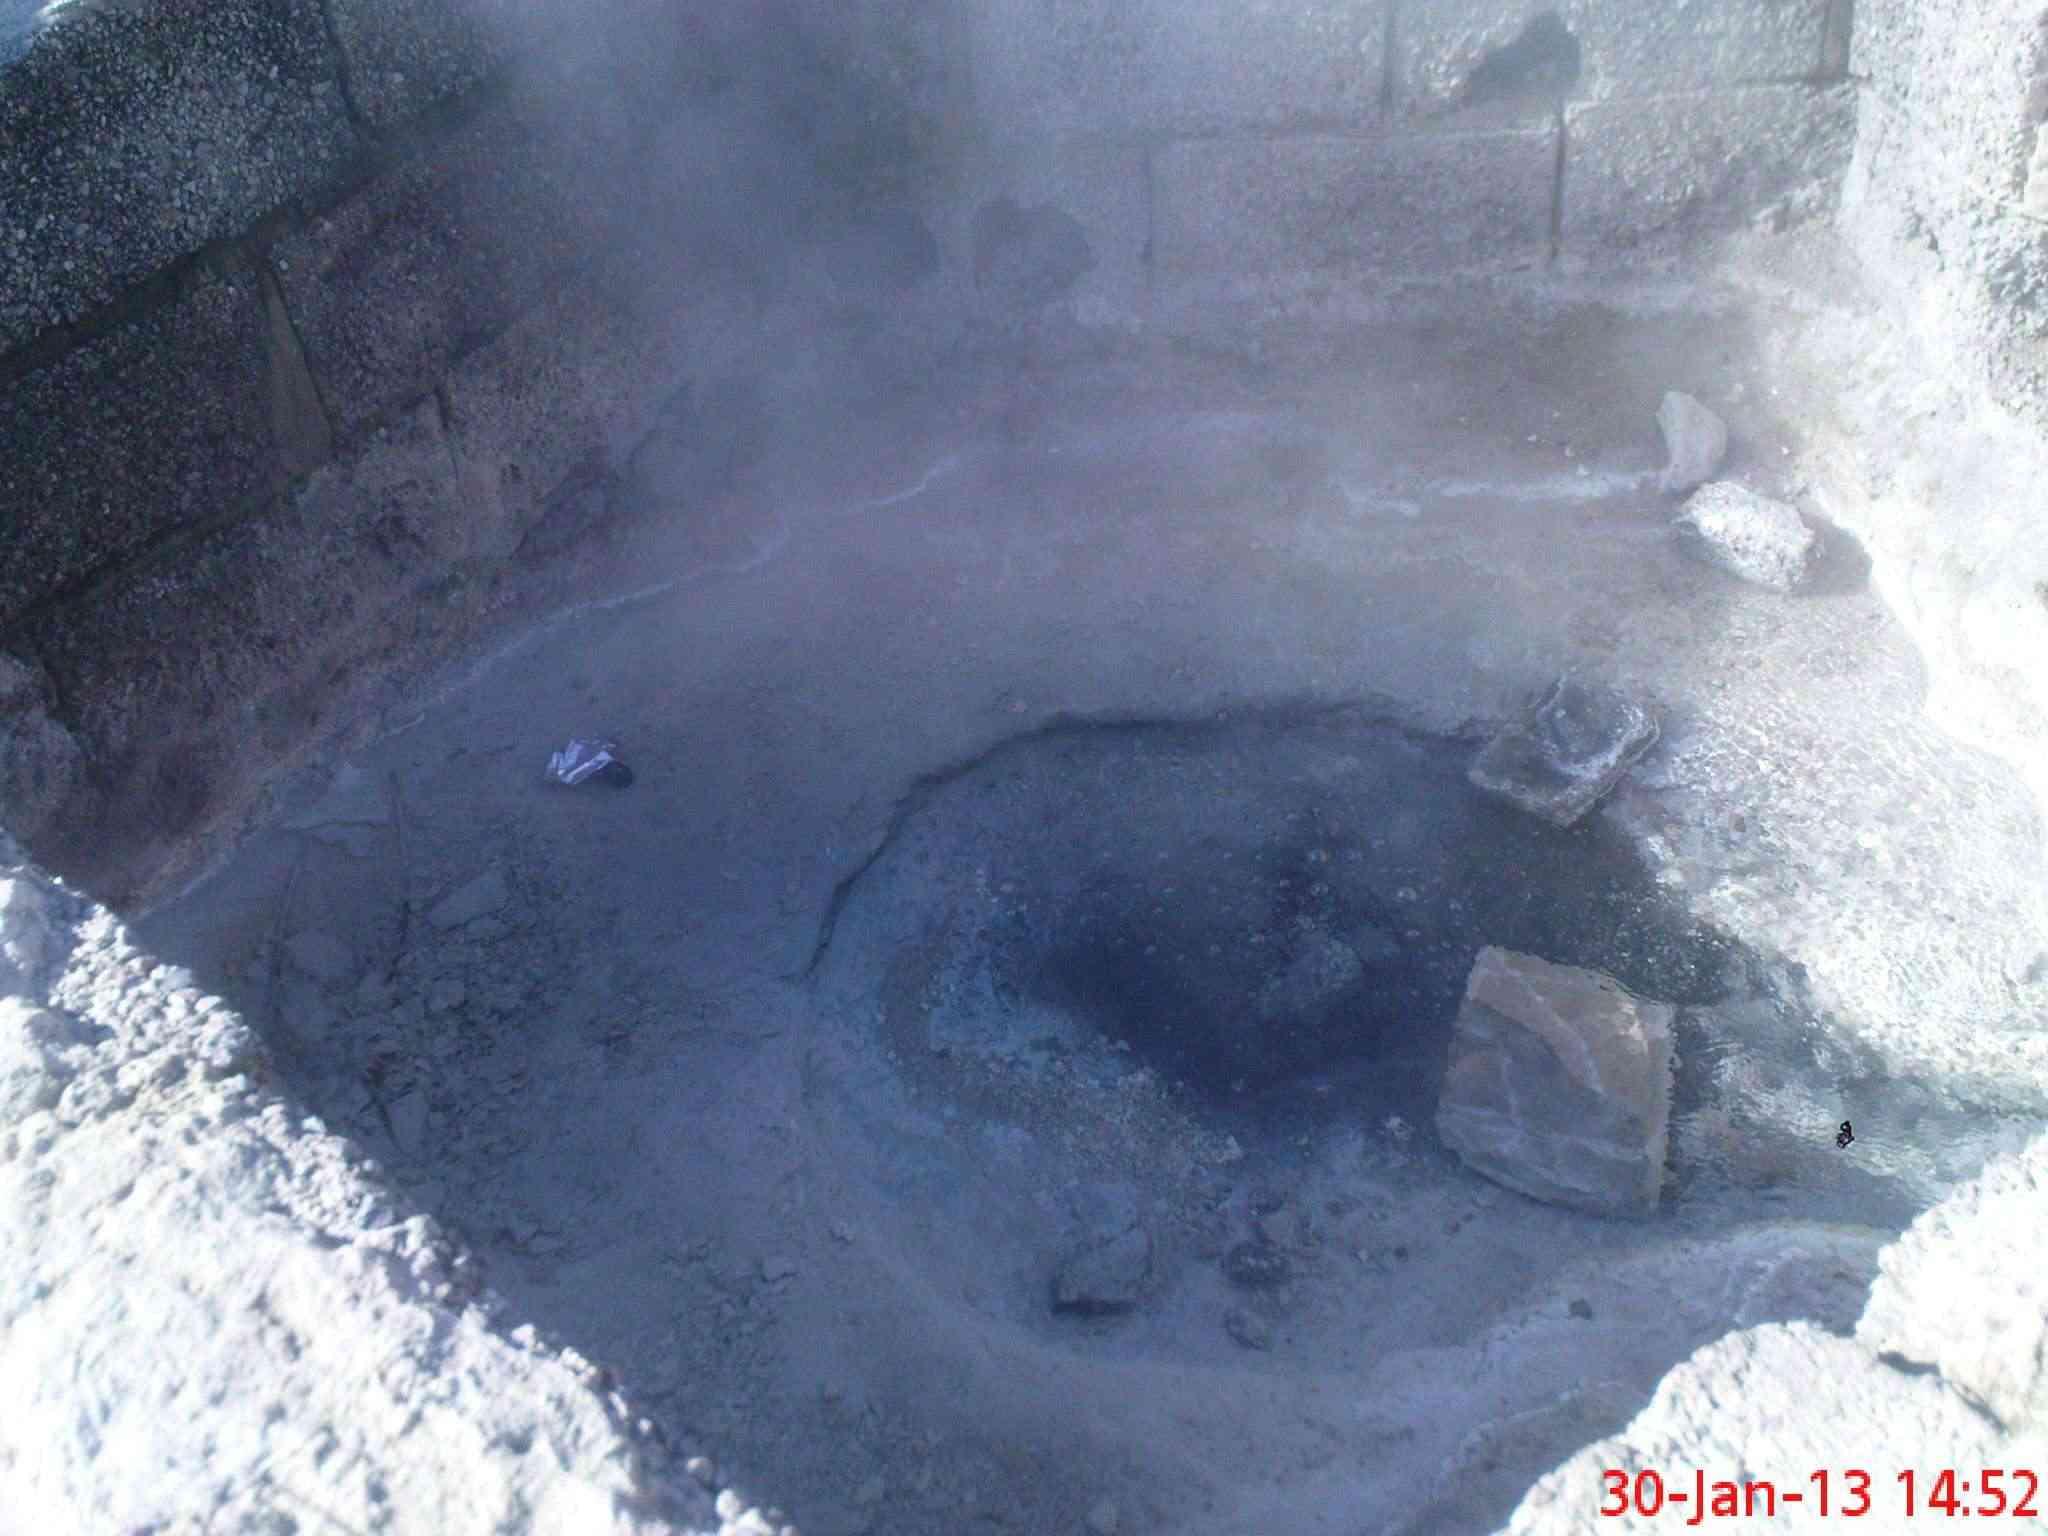 صور جديدة من حمام الشلالـة بولاية قالمـة Dsc02010